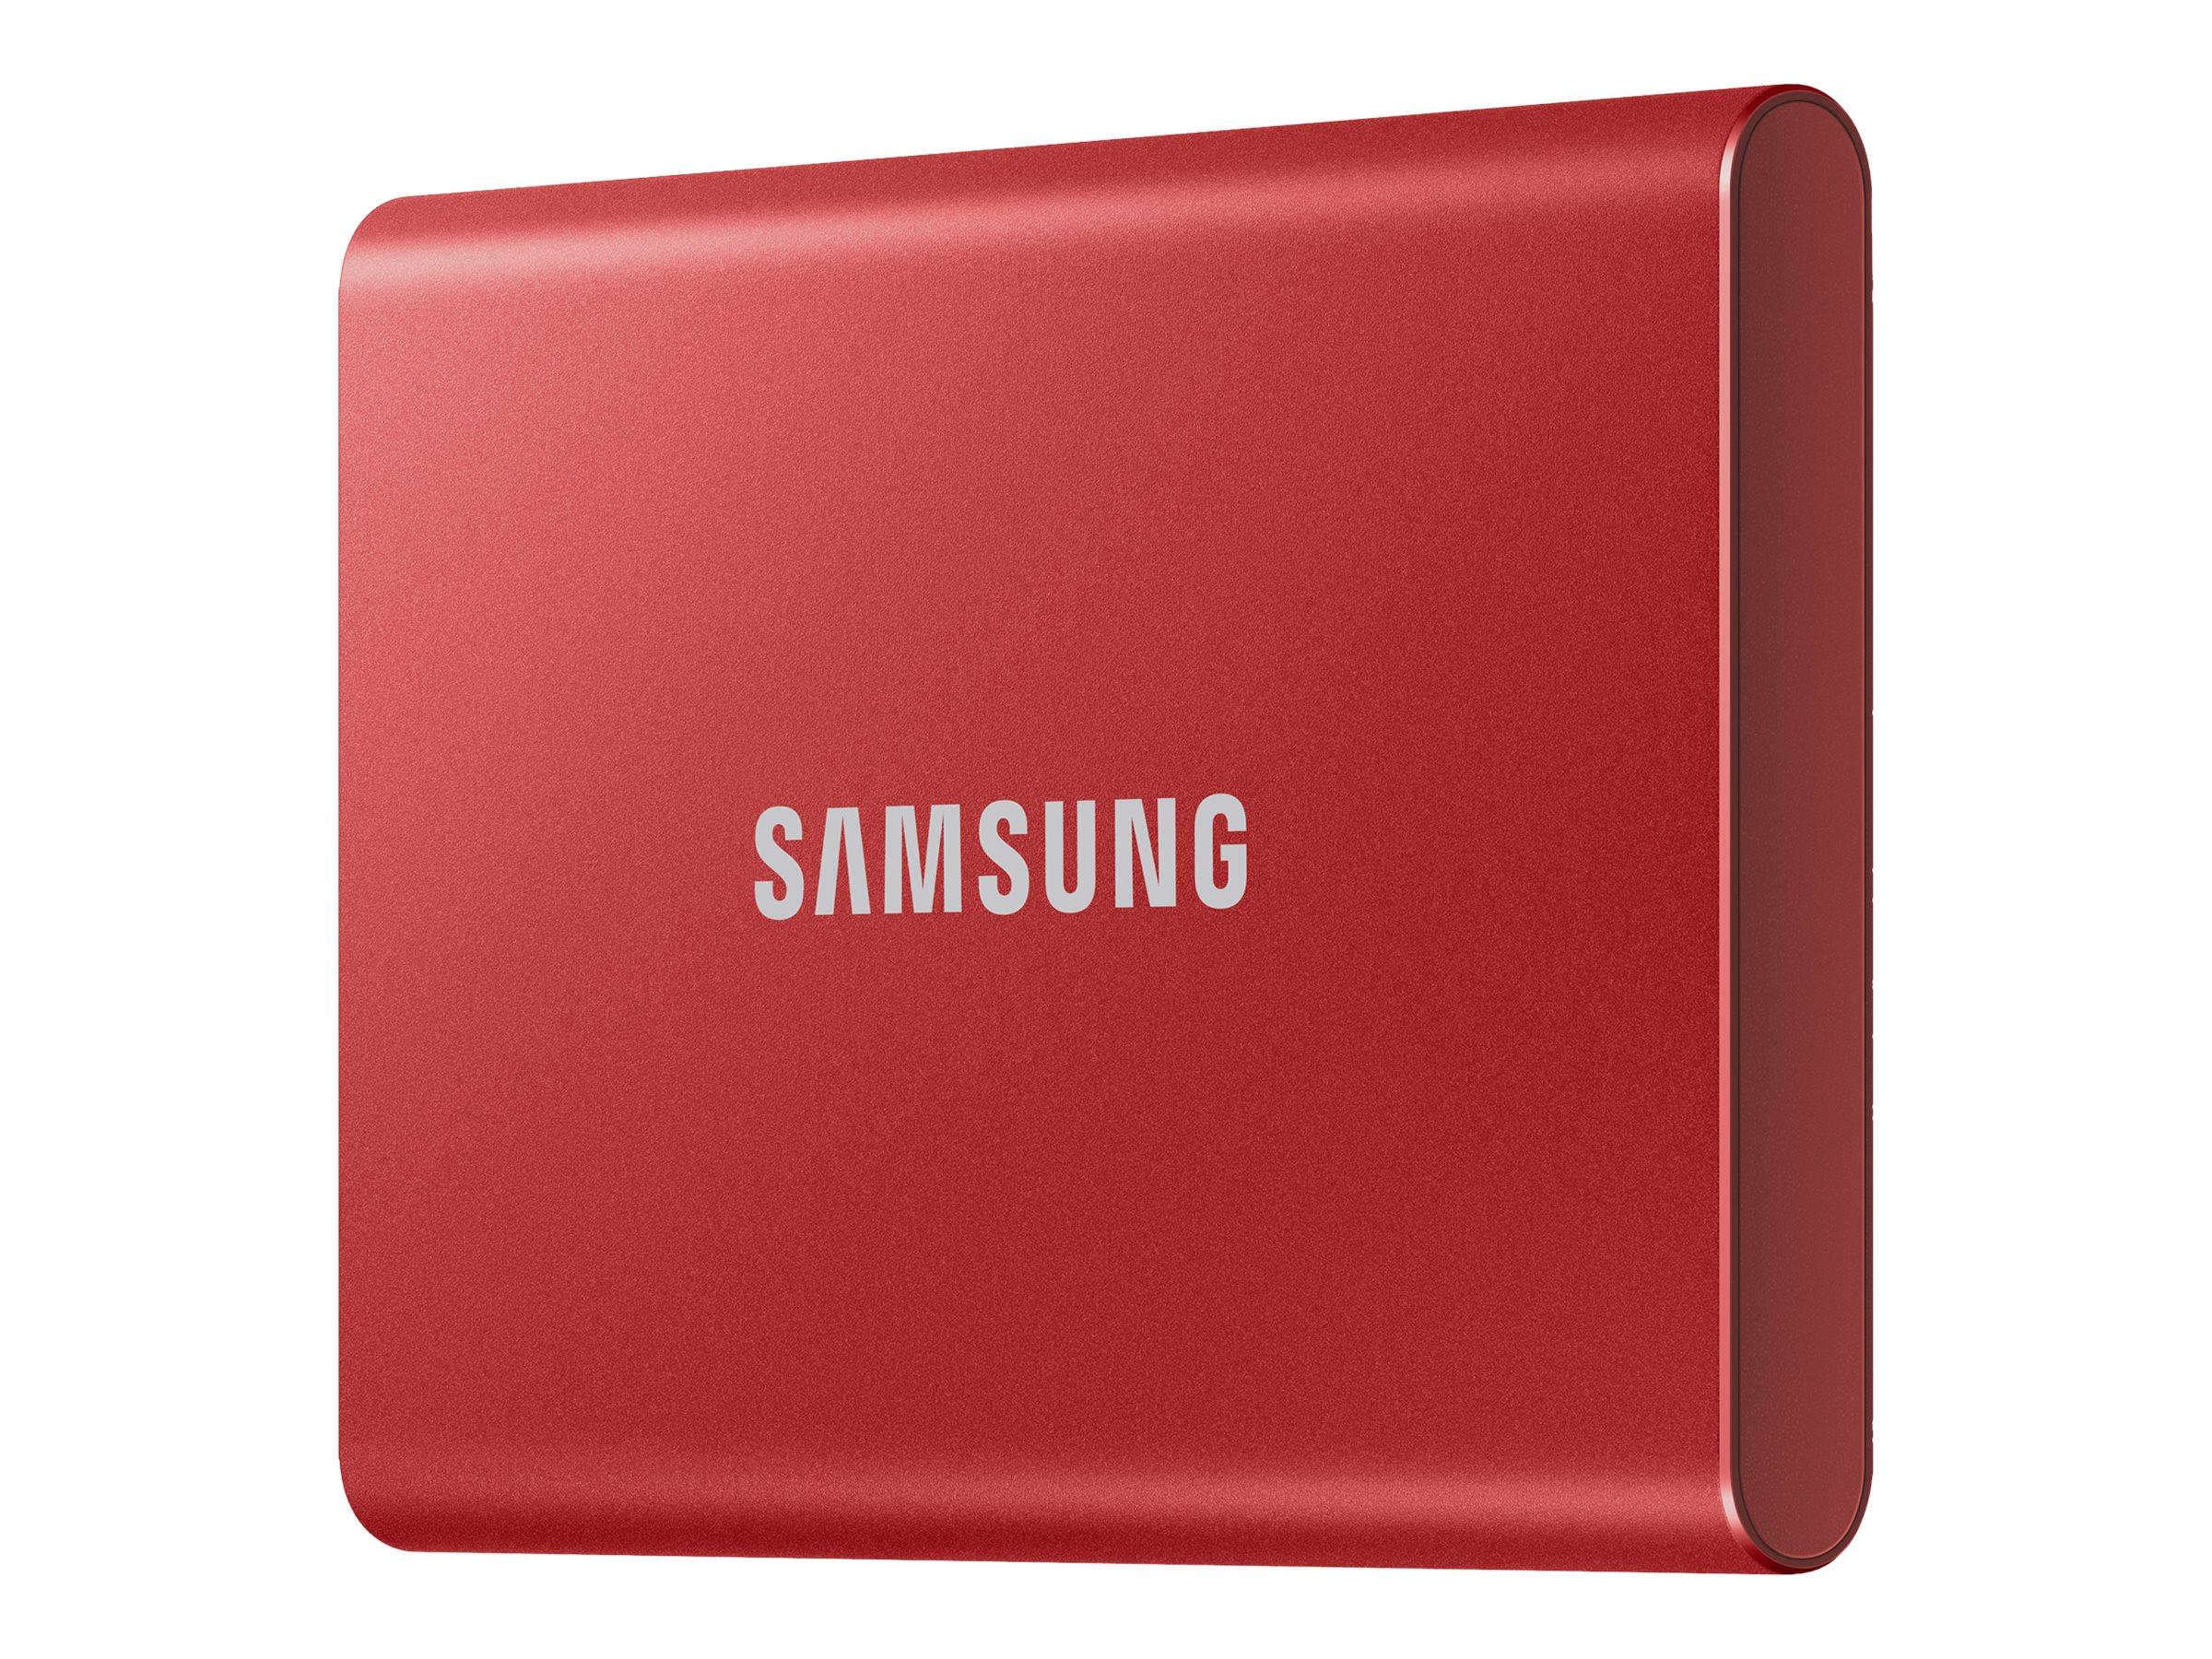 Vorschau: Samsung Portable SSD T7 MU-PC500R - 500 GB SSD - extern (tragbar)